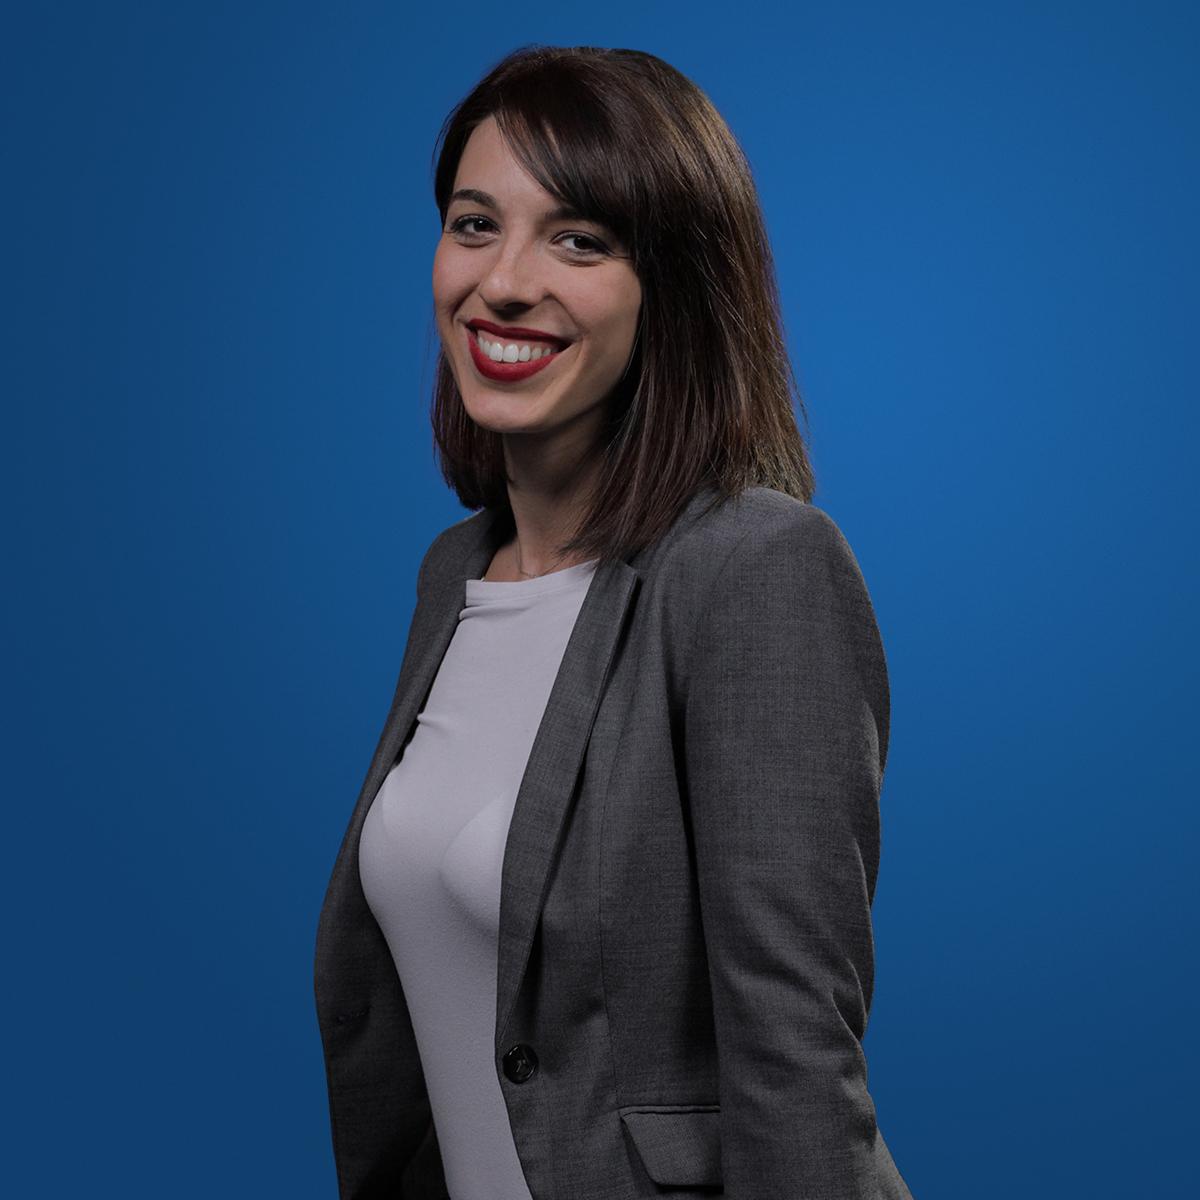 Giulia Marchioni